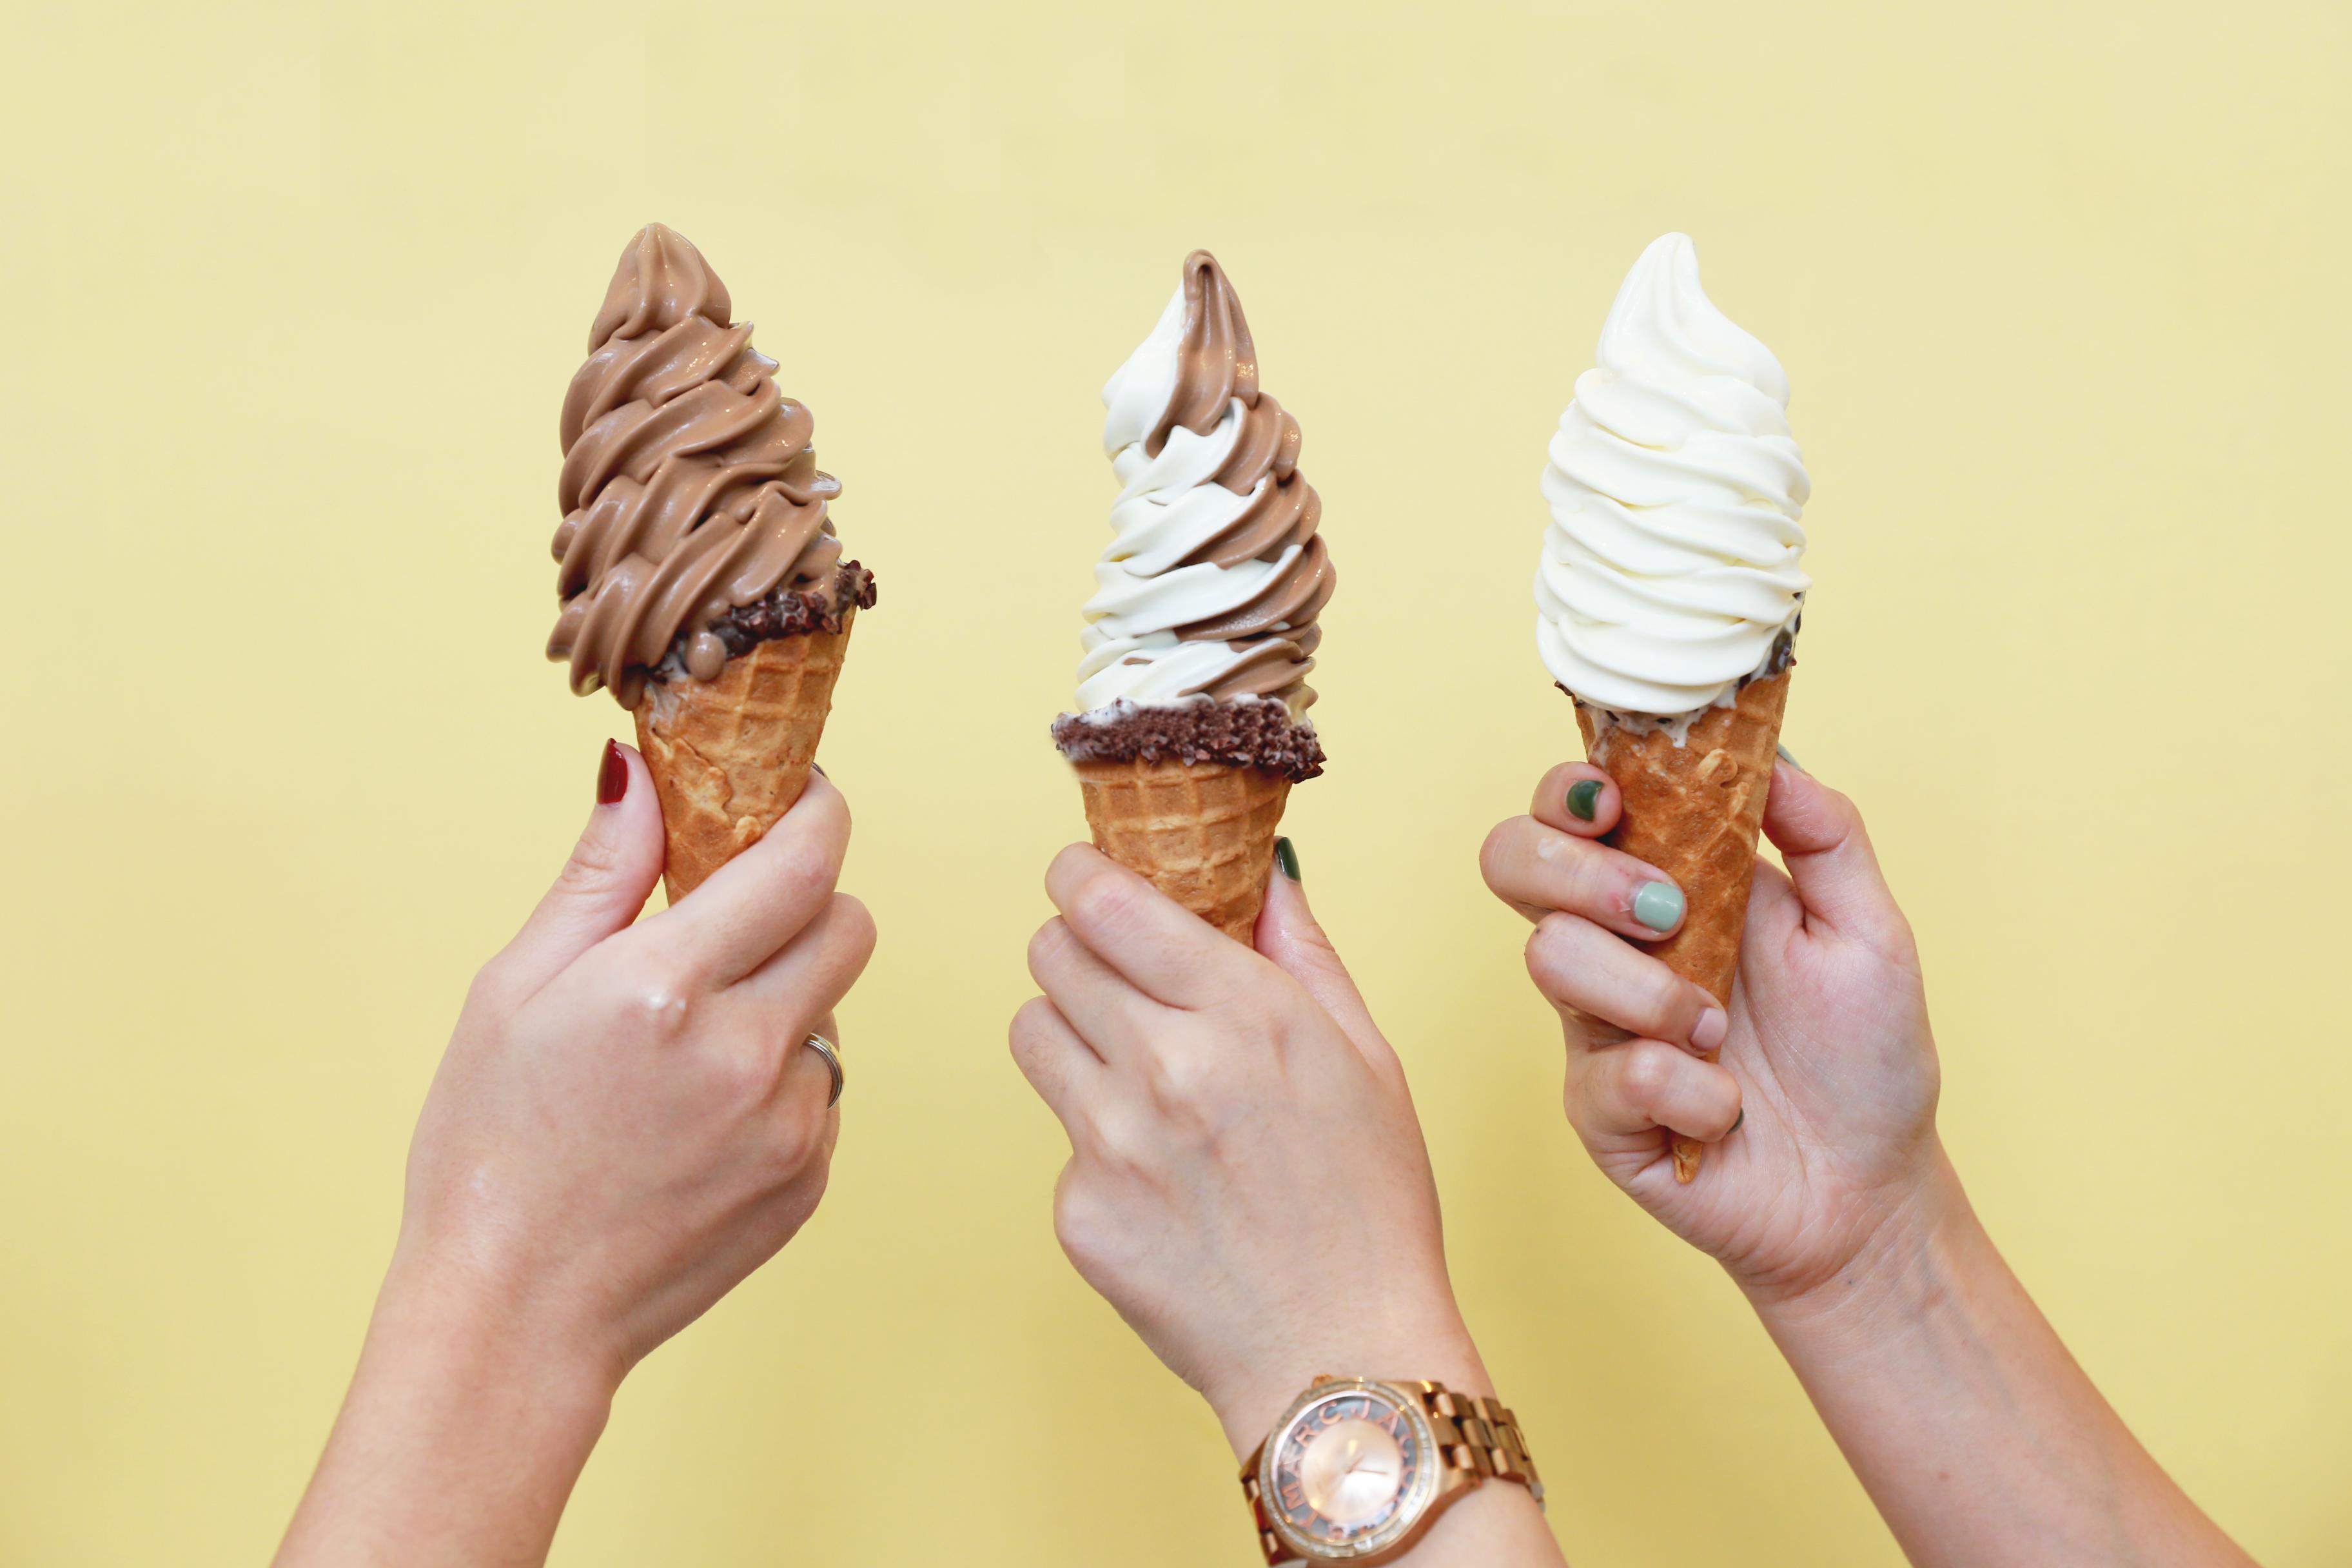 คลายร้อนแบบฟินๆ ด้วยไอศกรีมซอฟท์เสิร์ฟแสนอร่อยให้คุณได้ลิ้มลอง ณ ซิงก์เบเกอรี่  โรงแรมเซ็นทาราแกรนด์ฯ เซ็นทรัลเวิลด์ สำนักพิมพ์แม่บ้าน